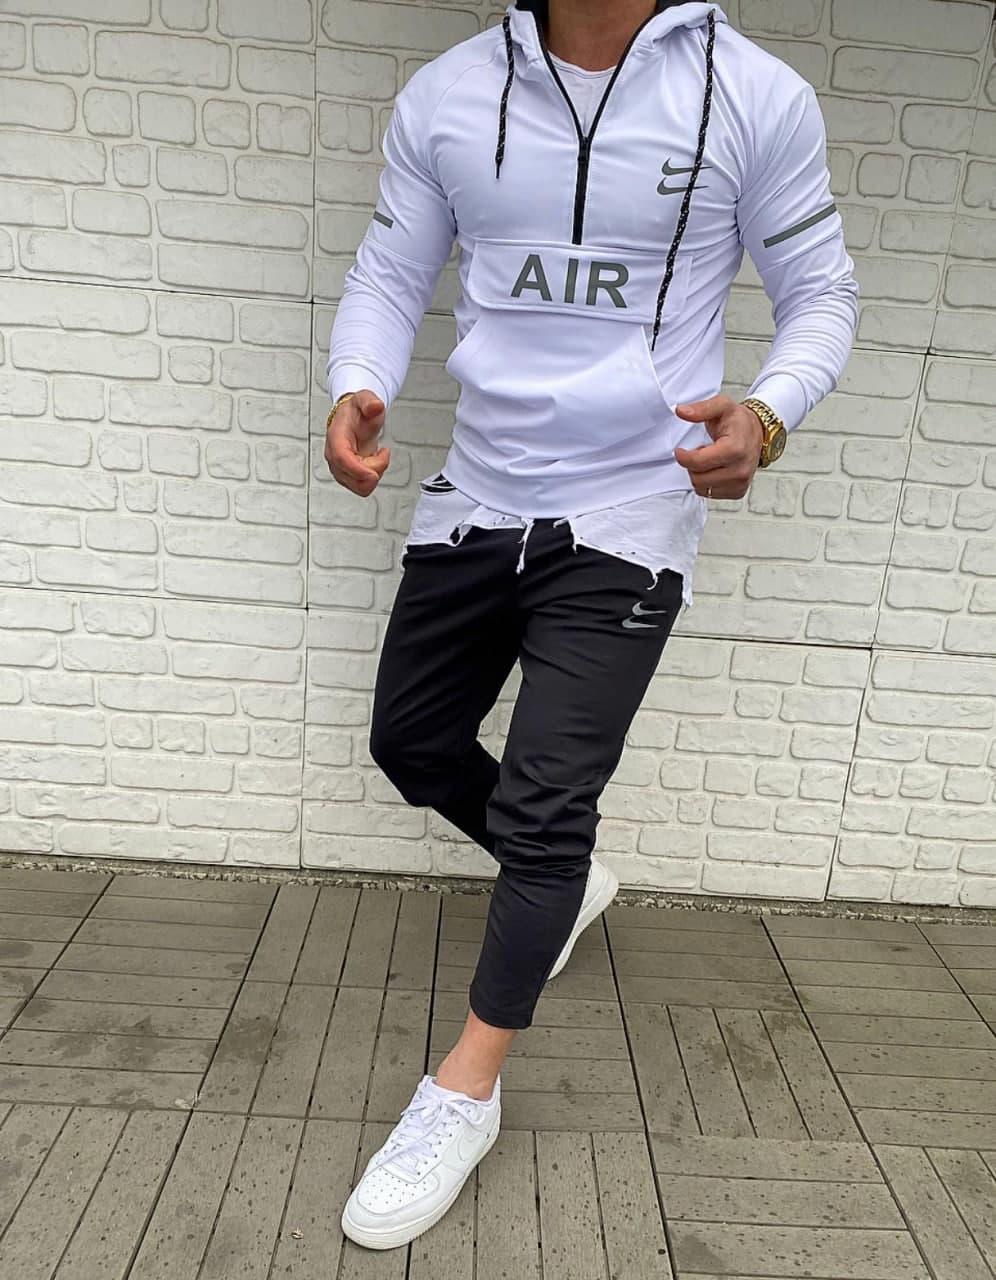 Спортивний костюм найк nike білий верх чорний низ нова колекція яскравий з капюшоном